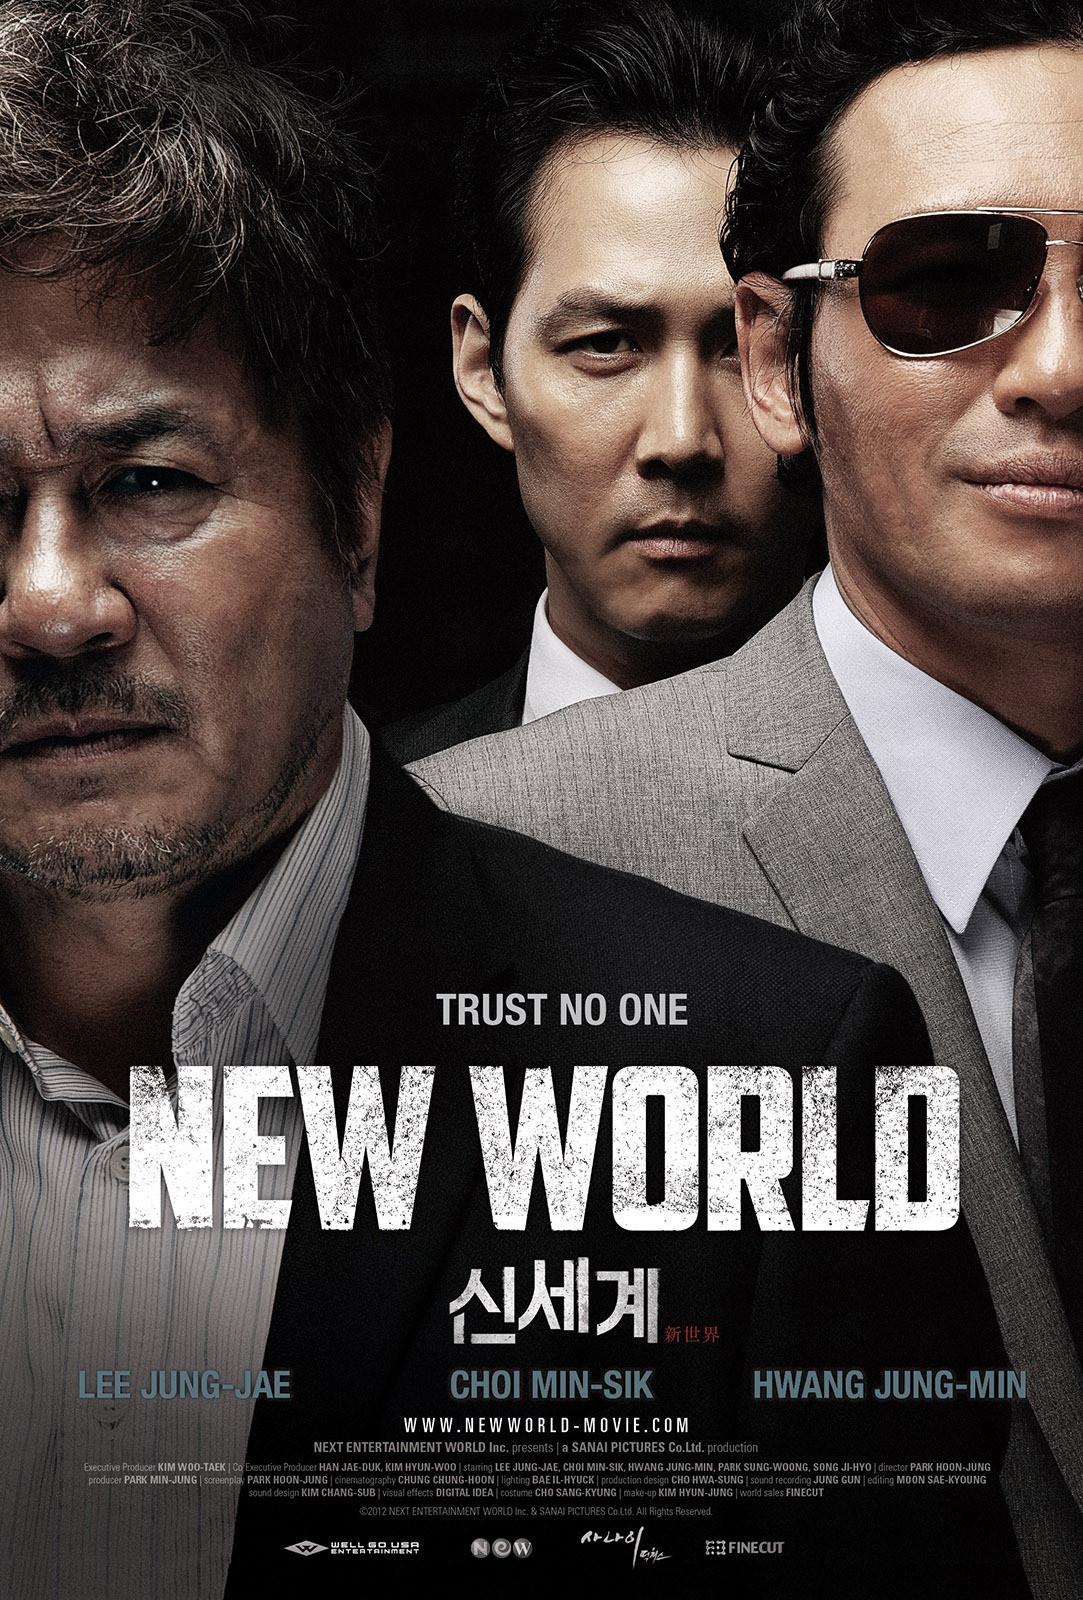 New World (2013) ปฏิวัติโค่นมาเฟีย (ซับไทย)